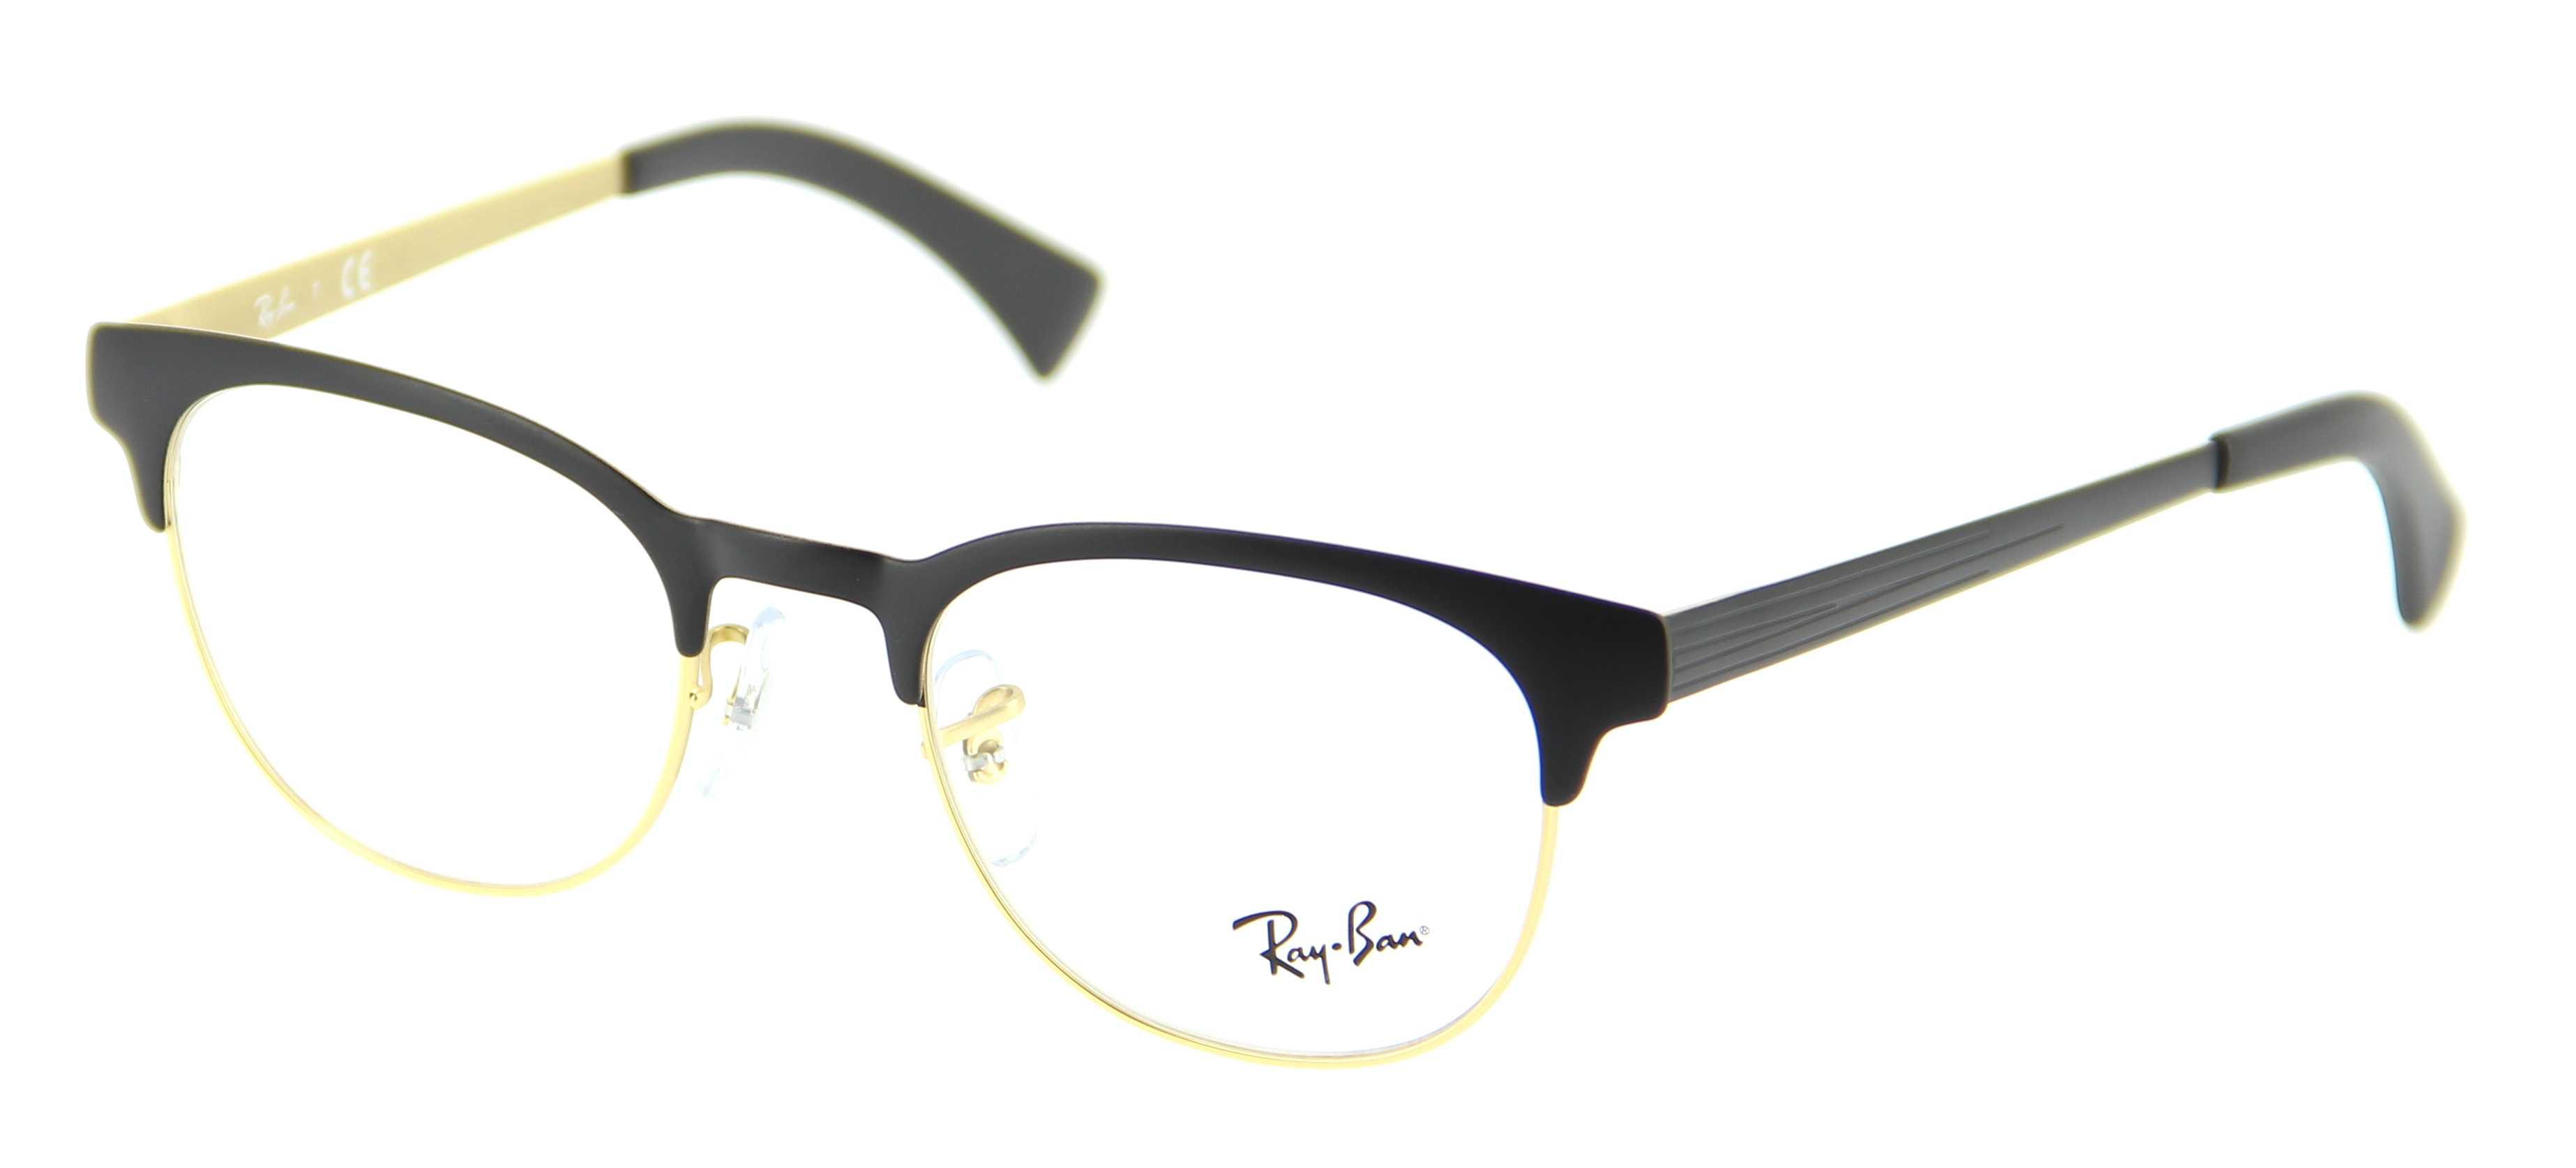 lunettes de vue femme tendance 2018 ray ban